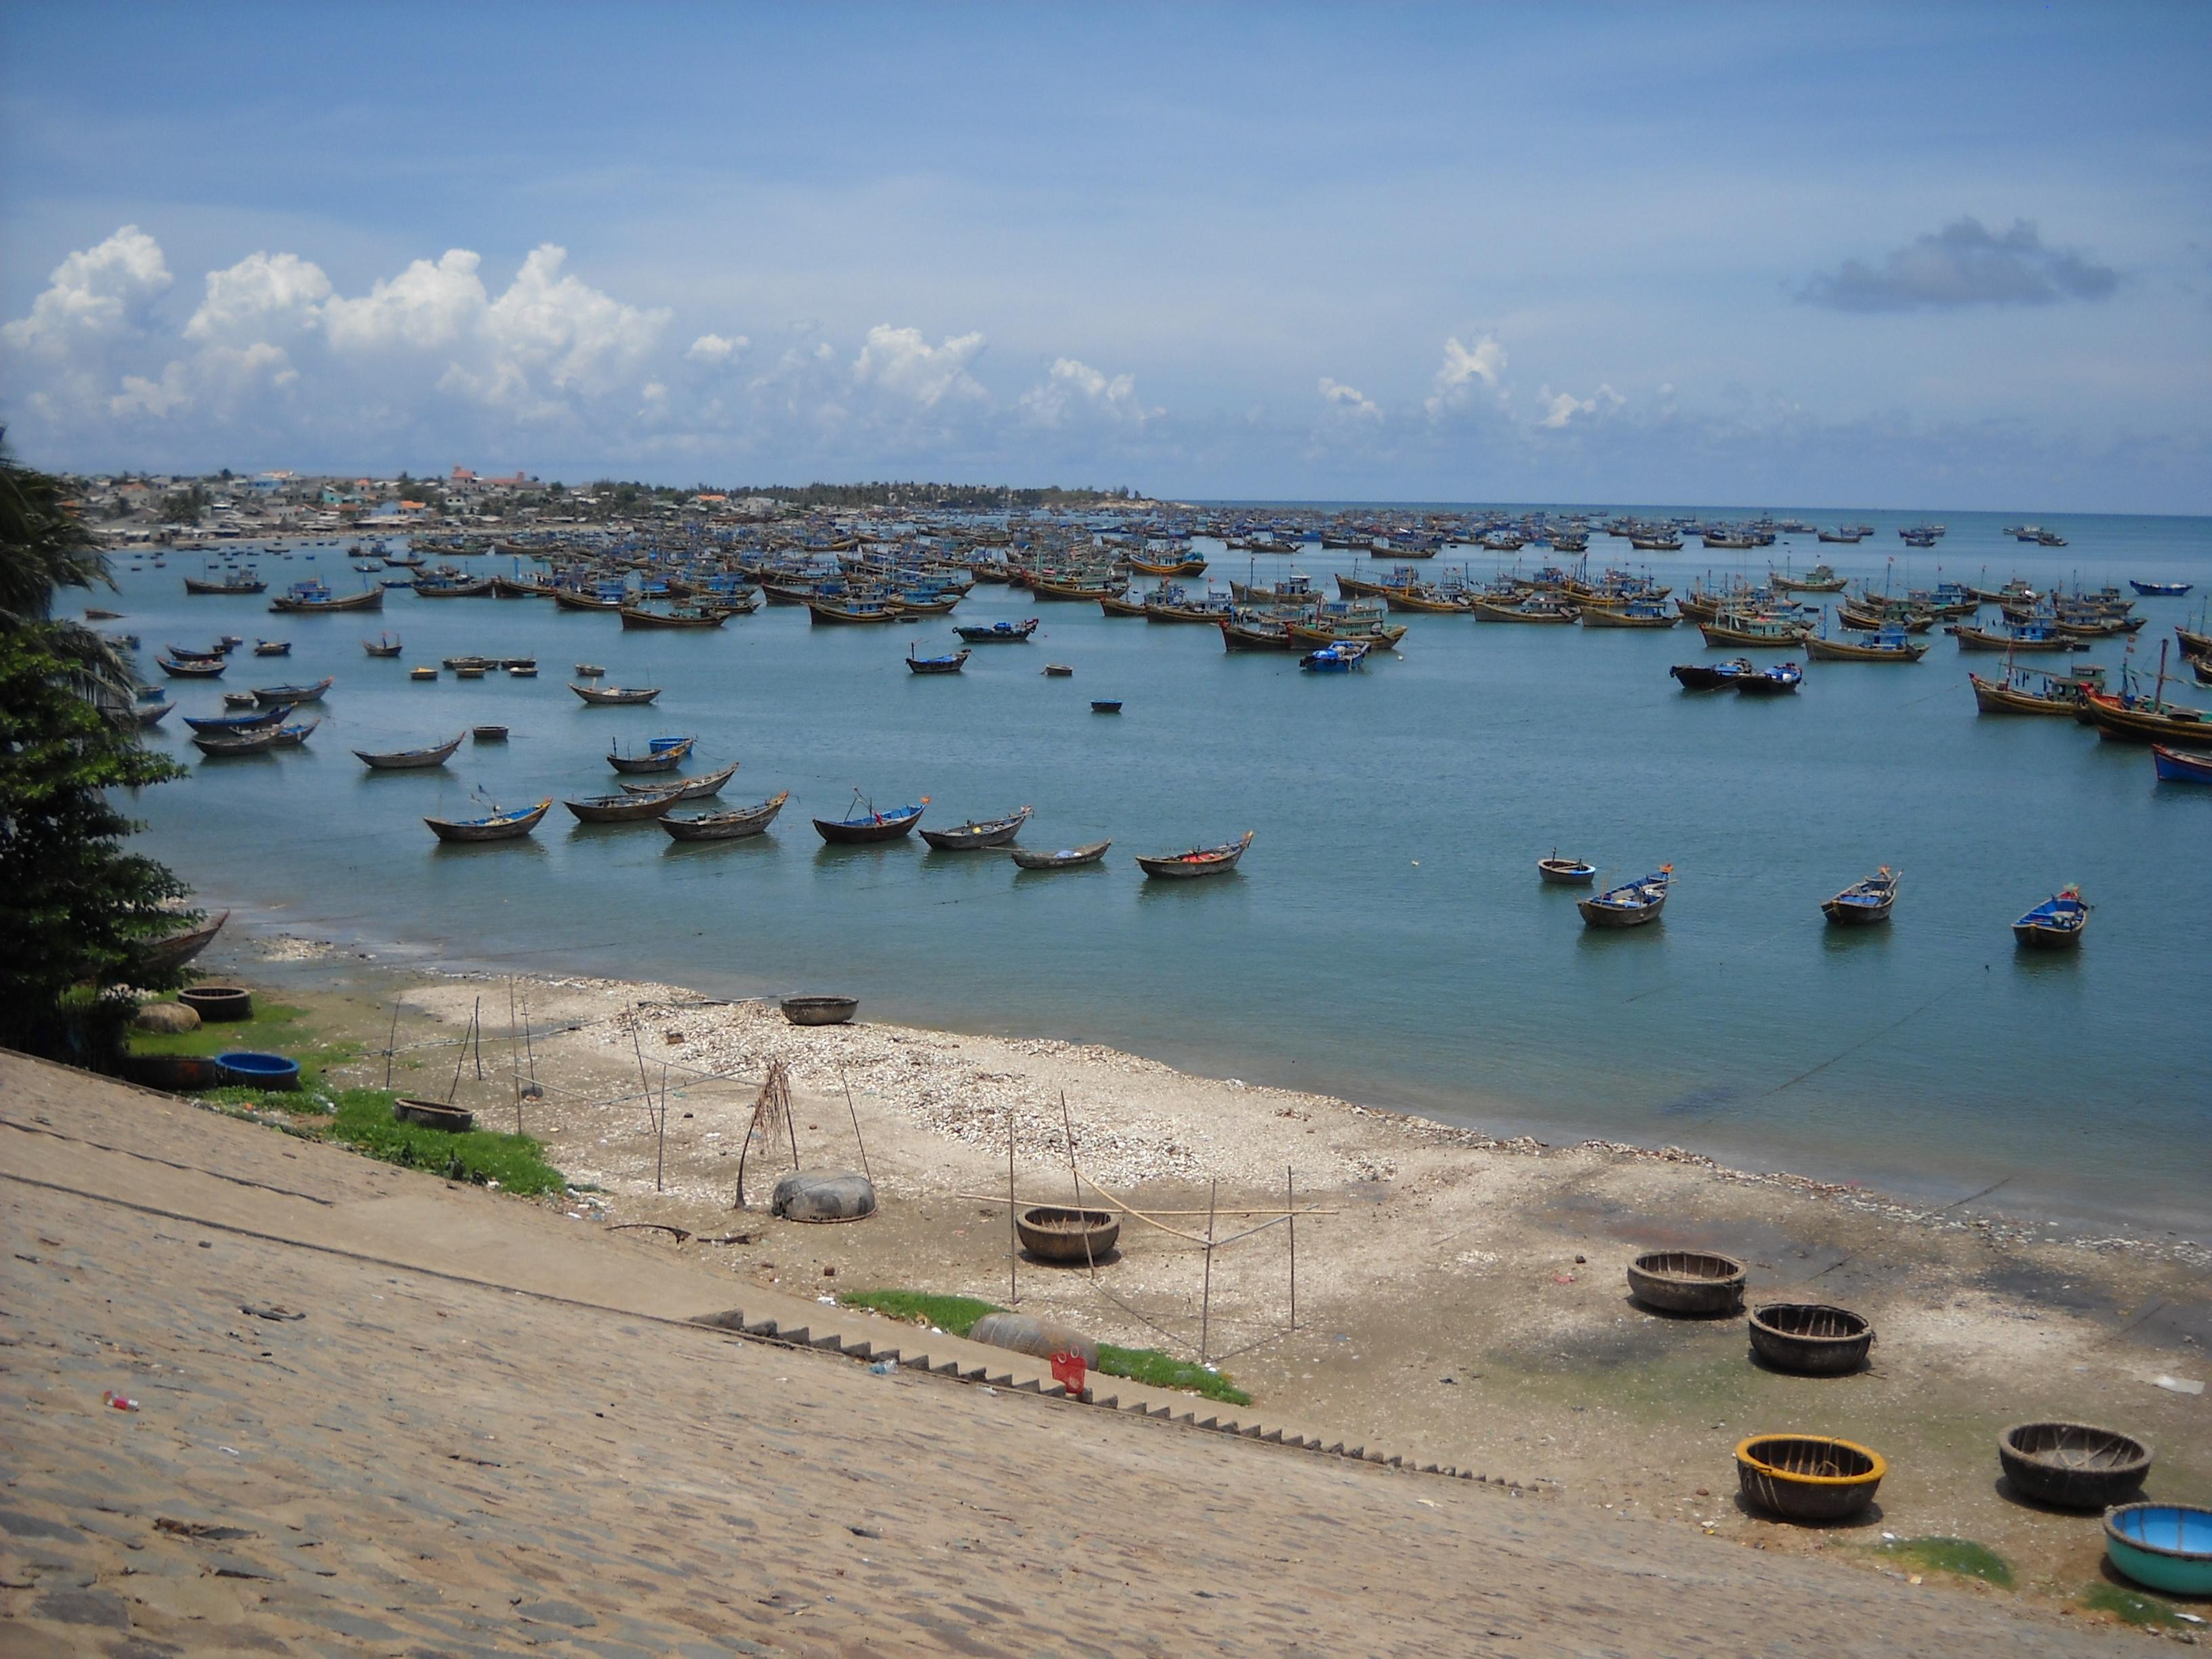 Bán nhớt Repsol giá rẻ tại Bình Thuận